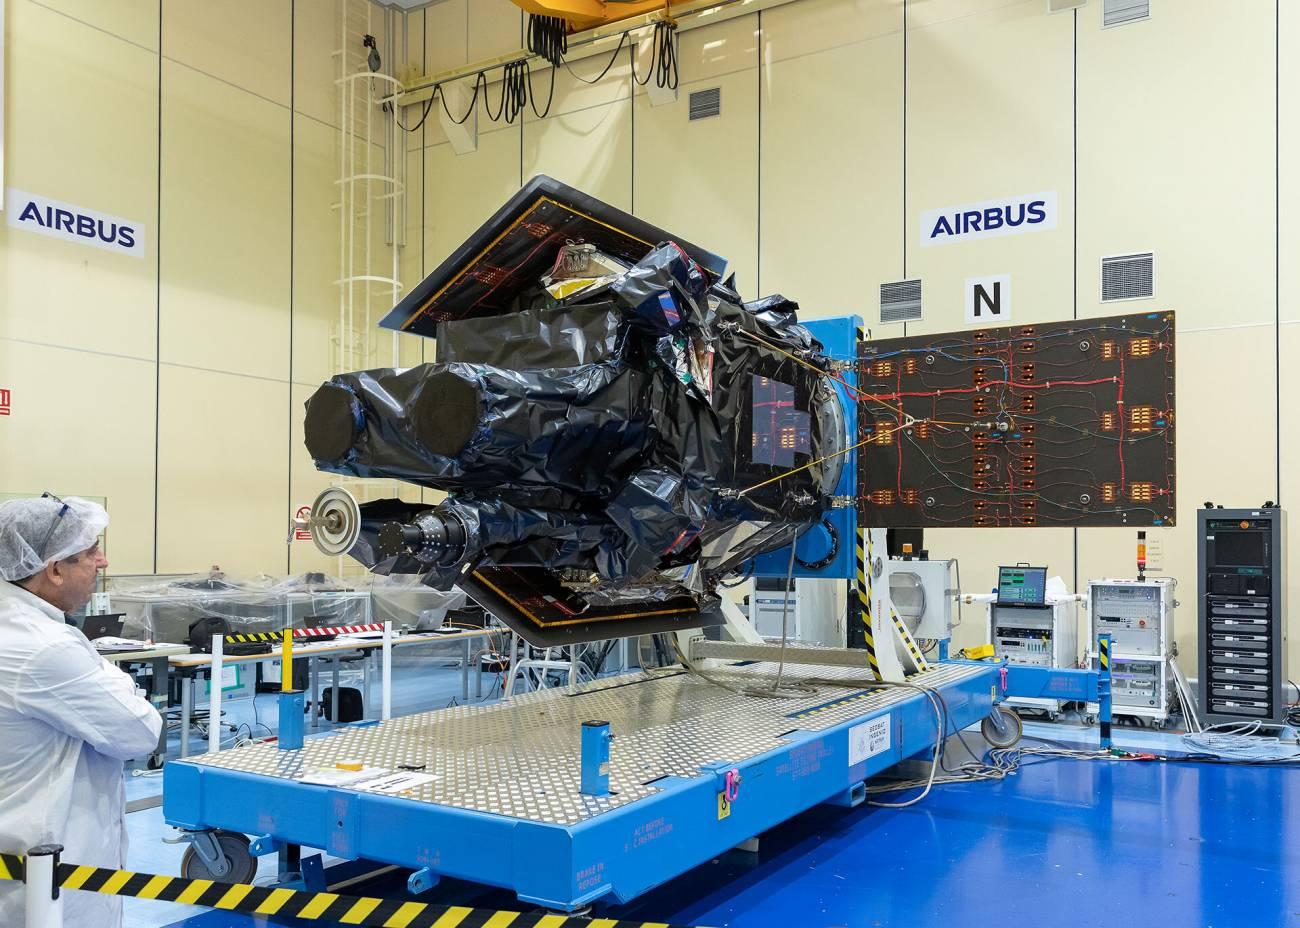 SEOSAT Ingenio ready for shipment pillars - Lanzamiento del satélite español Ingenio de observación de la Tierra ofrecerá imágenes terrestres en alta resolución